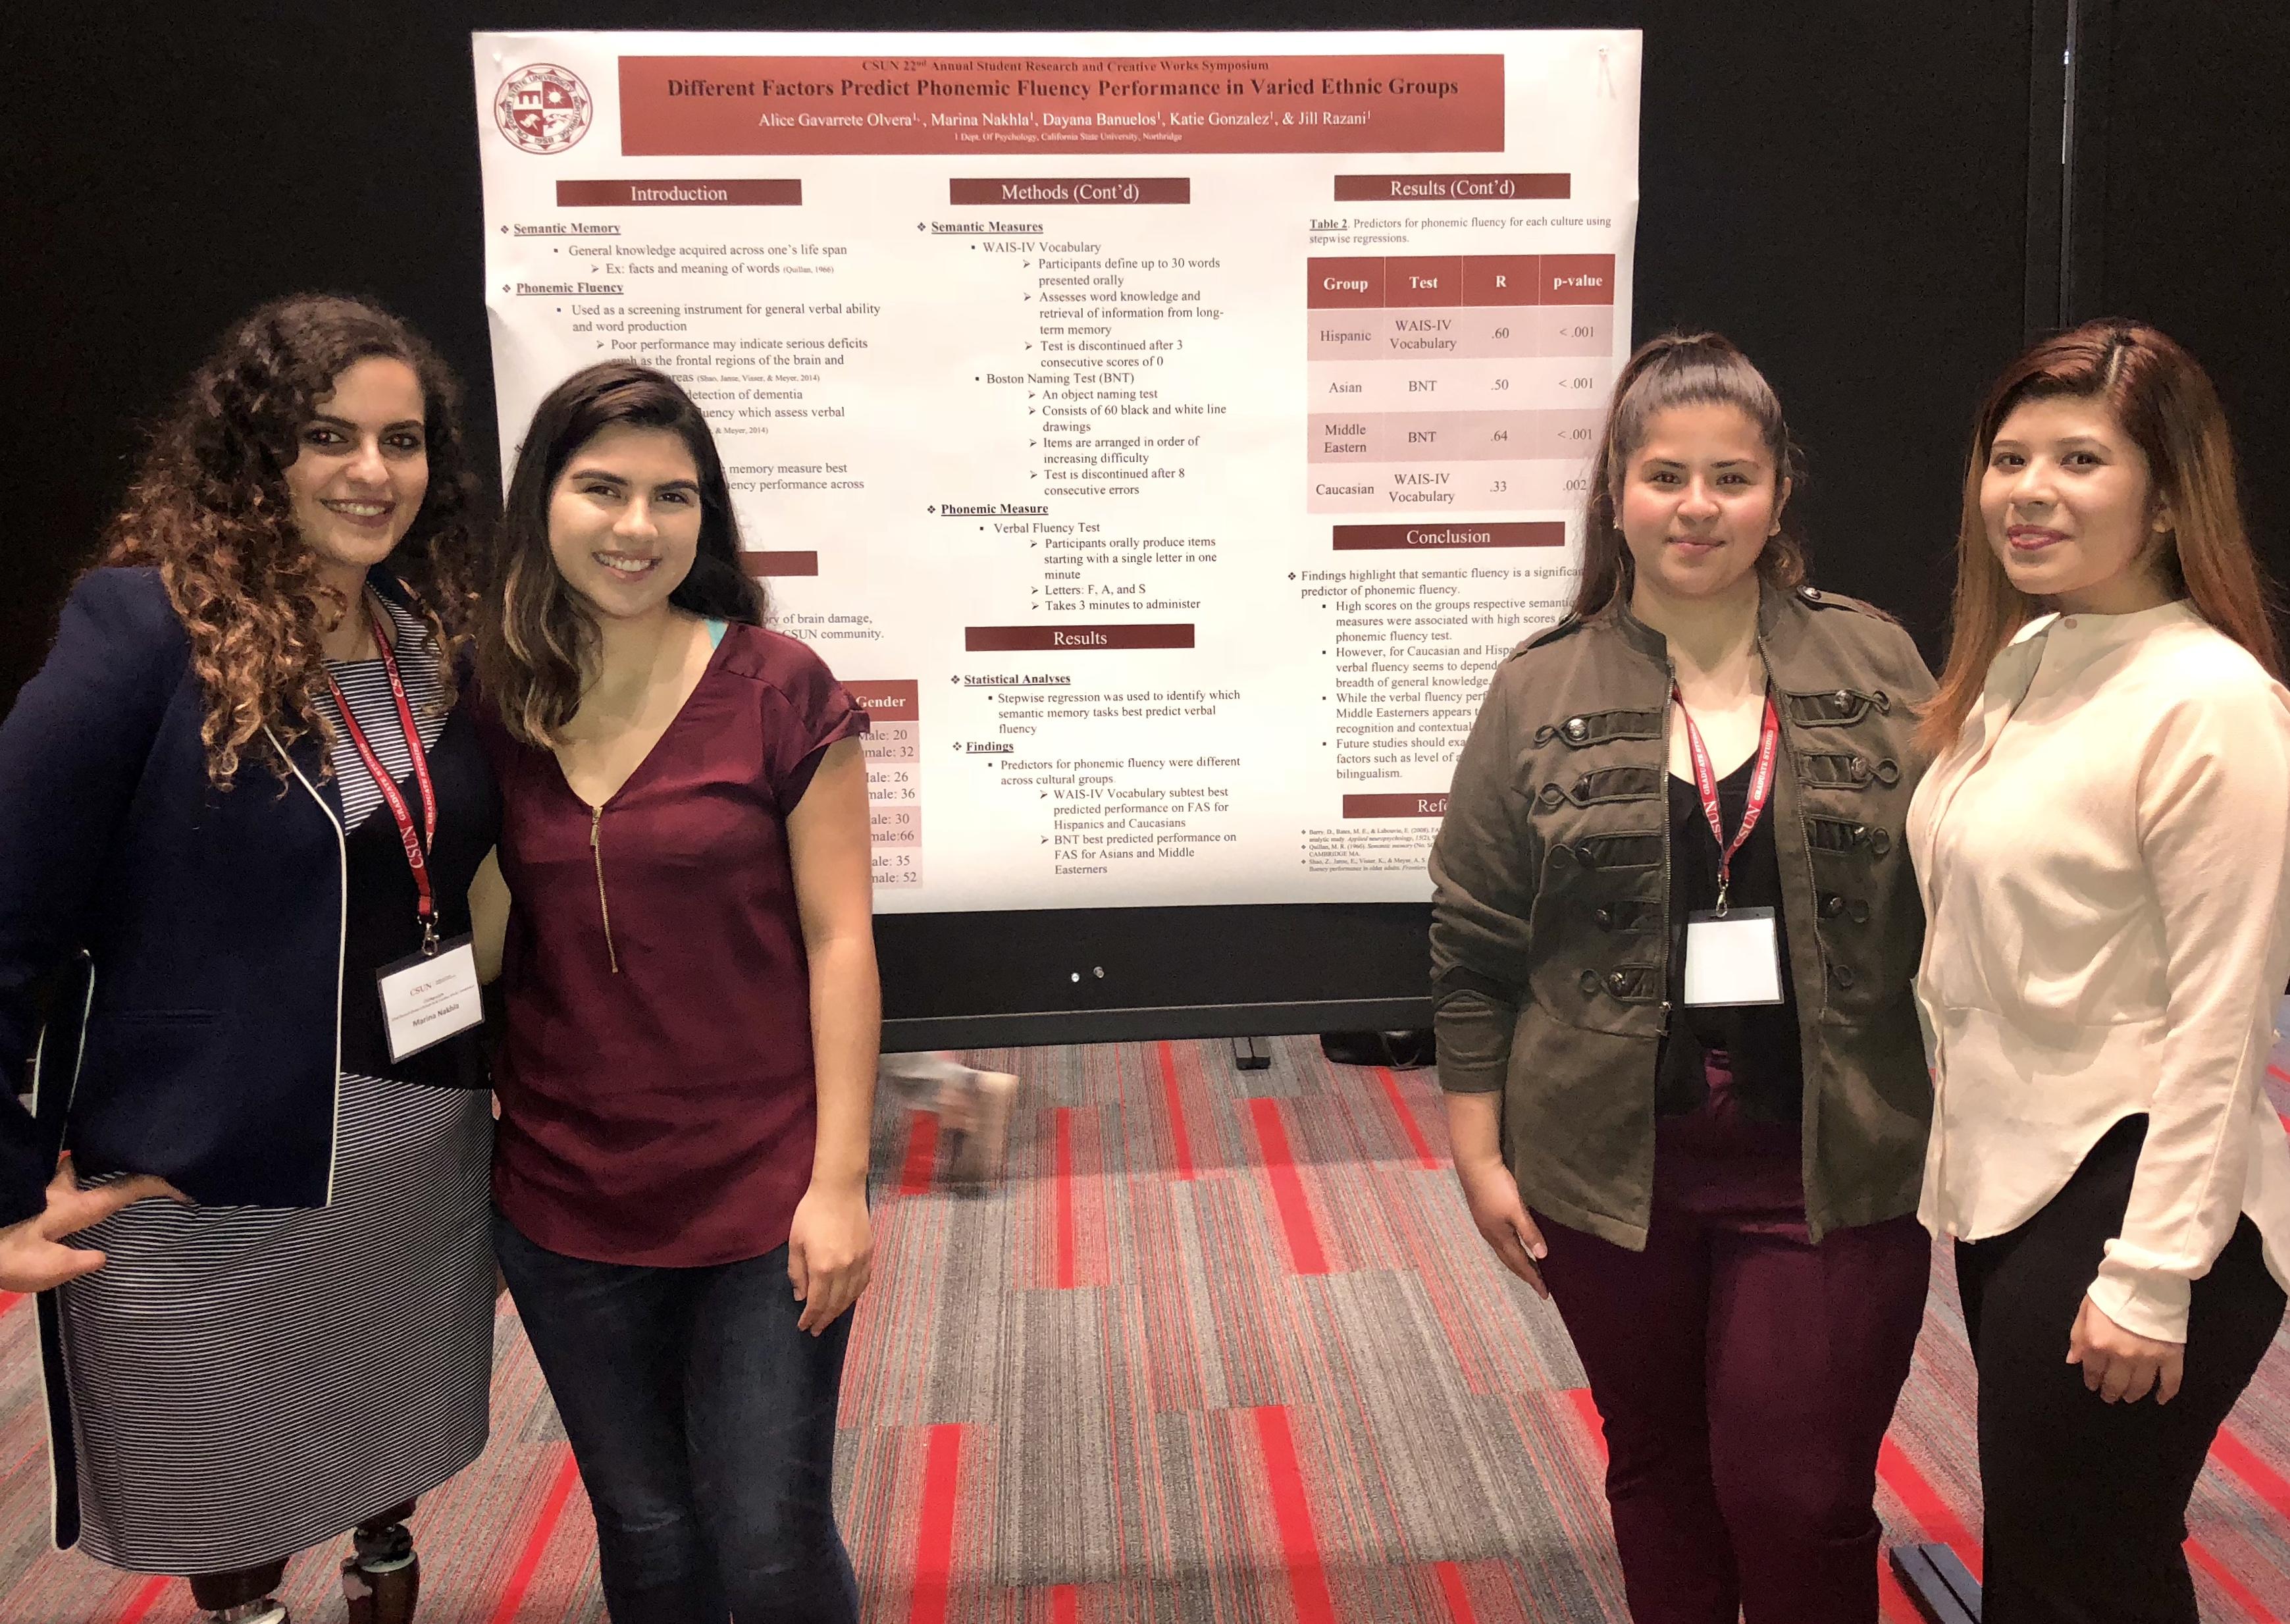 CSUN 2018 Symposium